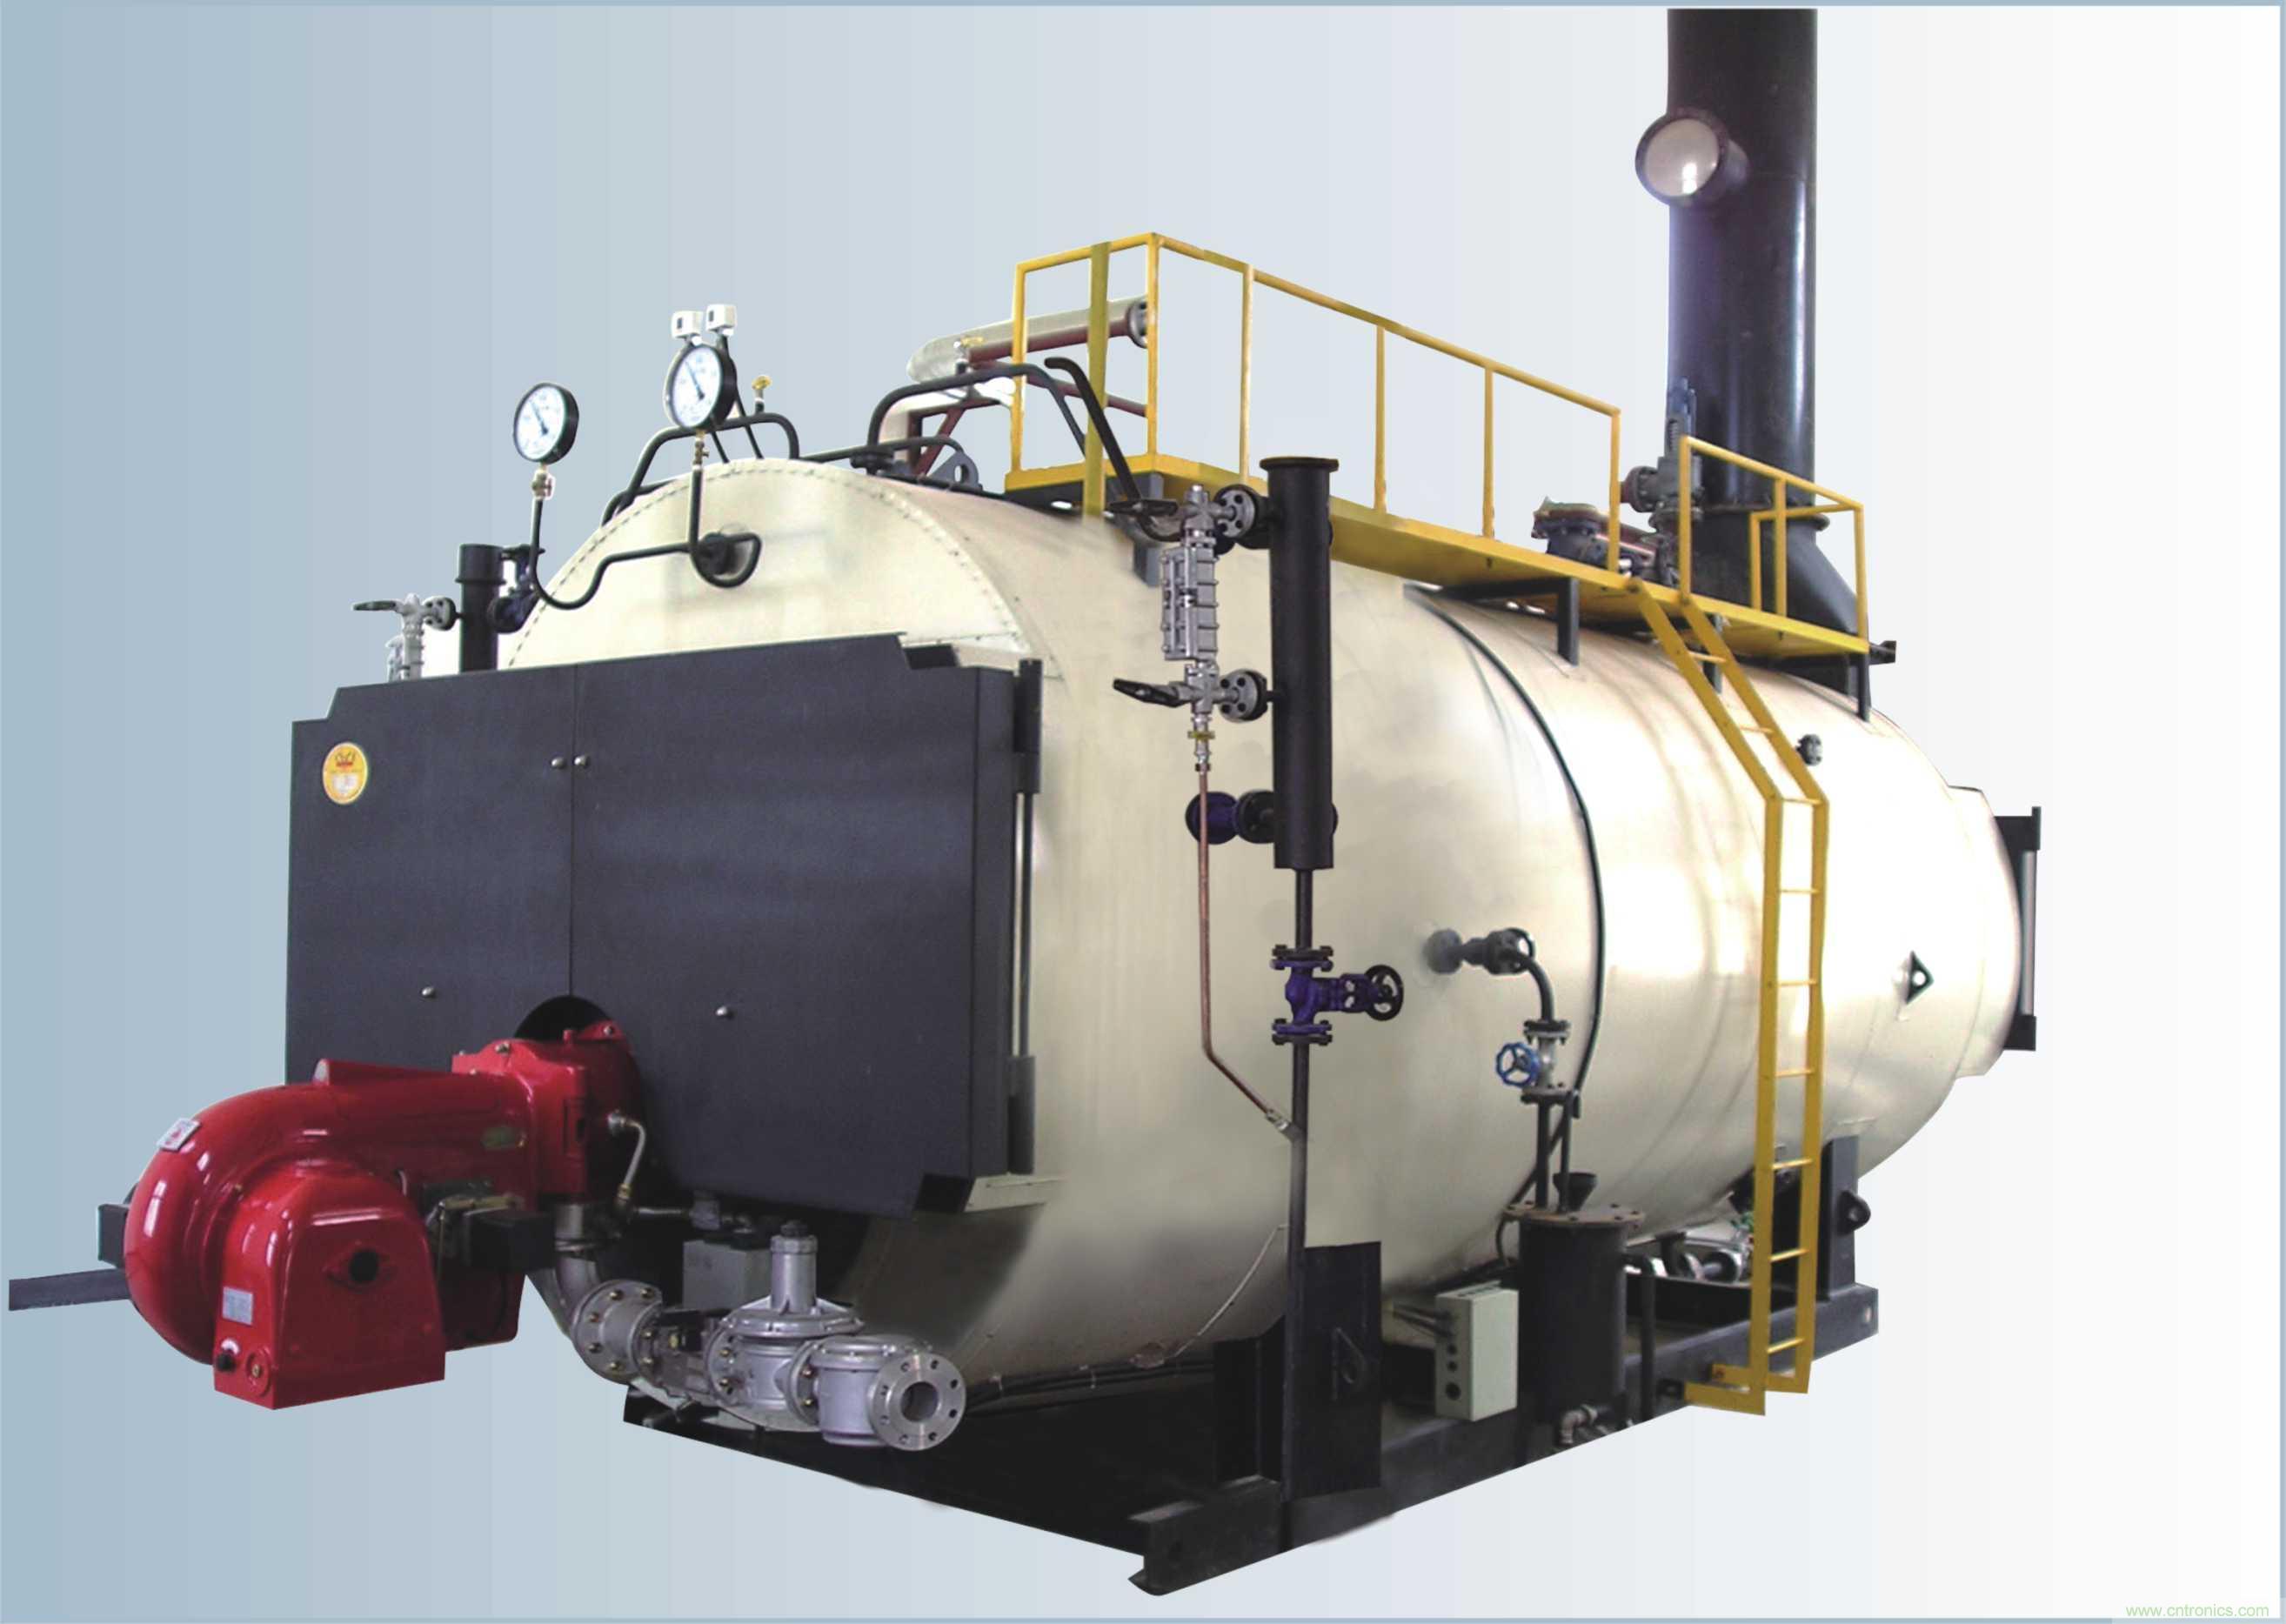 炉体设计 锅炉结构按常压设计,顶部设有通大气孔,锅炉在常压下工作,远离爆炸危险;锅炉炉体采用电脑优化模拟设计,完全优化了锅炉的尺寸,使形态协调美观。CLHS立式锅炉采用燃烧器下置式燃烧方式,燃料在炉胆内微正压燃烧,烟管内插有阻流片,减缓烟气排出速度,加强换热,保证燃料燃烧产生的热量最大程度地加热炉水,大大的提高了锅炉的热效率;CWNS卧式锅炉采用全湿背式三回程结构,烟气流程长,降低排烟温度,全波纹炉胆设置,使火焰产生强烈扰动,强力提高传热系数,并有效防止了因金属热胀冷缩而导致设备寿命的降低;大口径烟管和大